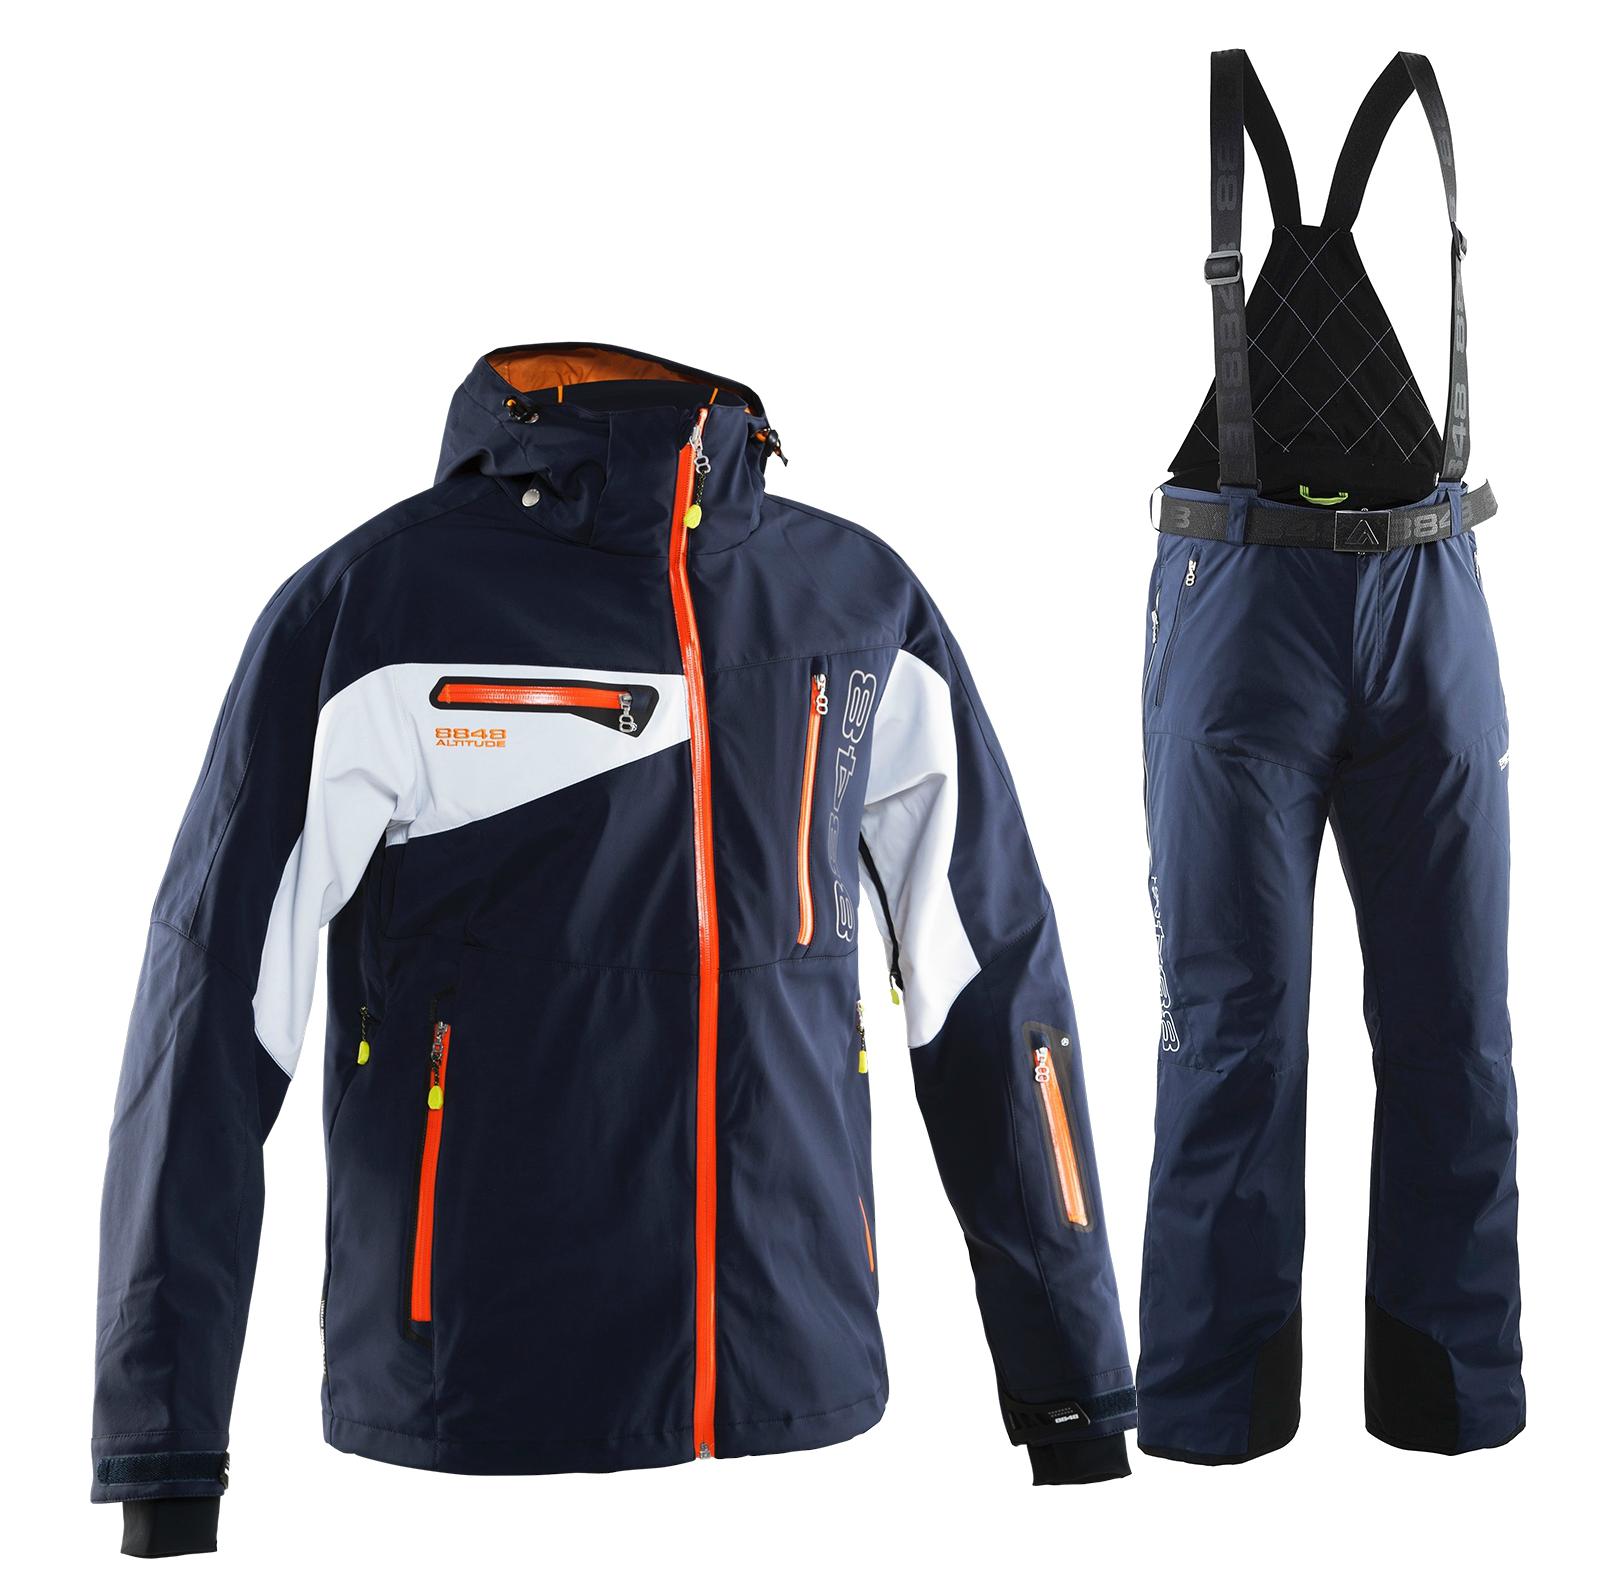 Мужской горнолыжный костюм 8848 Altitude Rocky 15/Guard (705115-702915) five-sport.ru